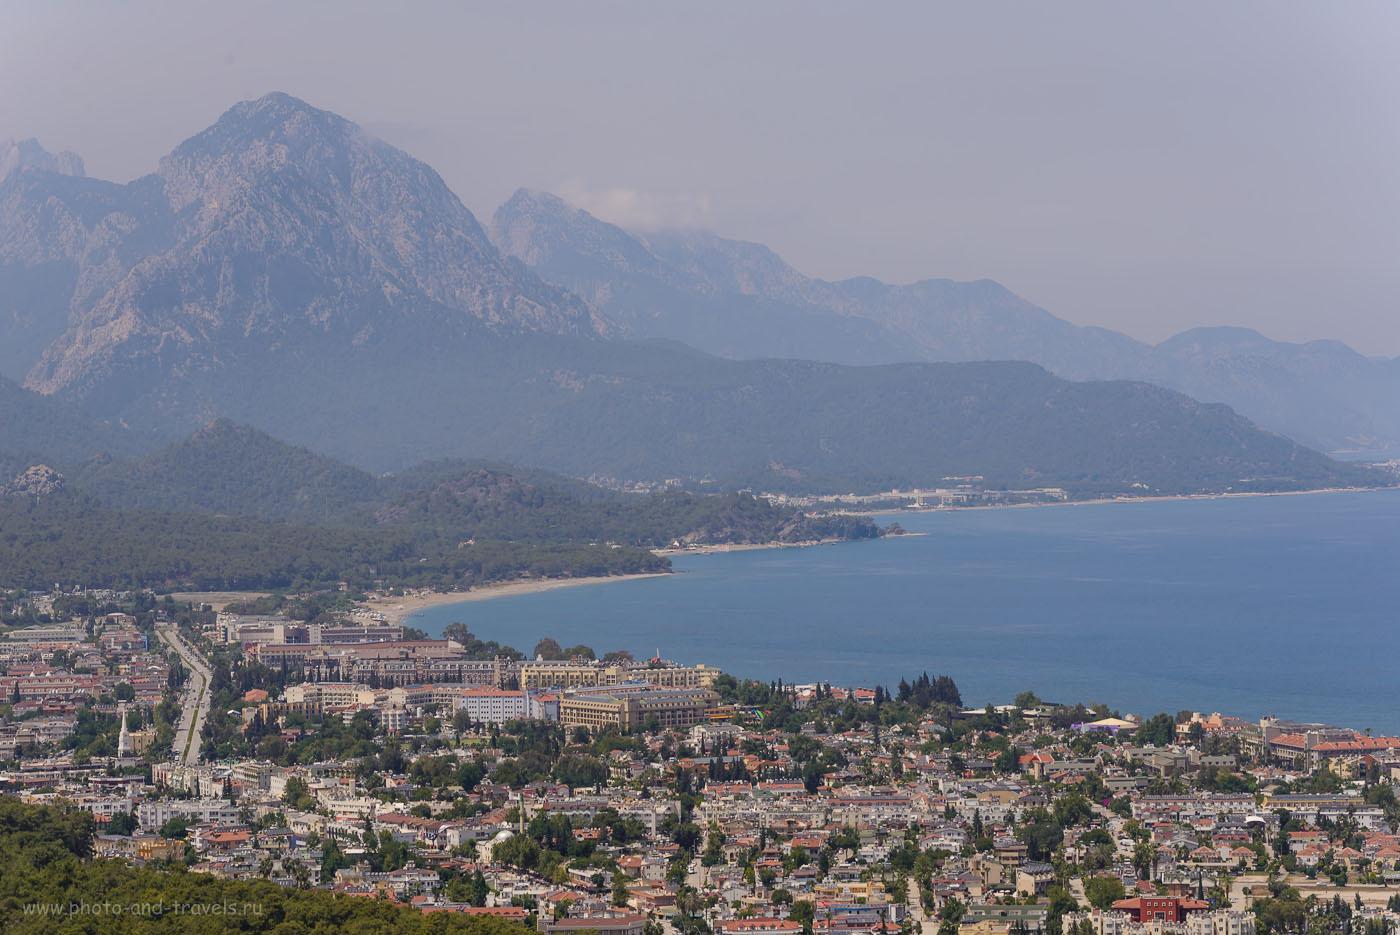 Фотография 28. Вид со смотровой площадки на Кемер и прилегающие горы. 1/250, 8.0, 100, 110.